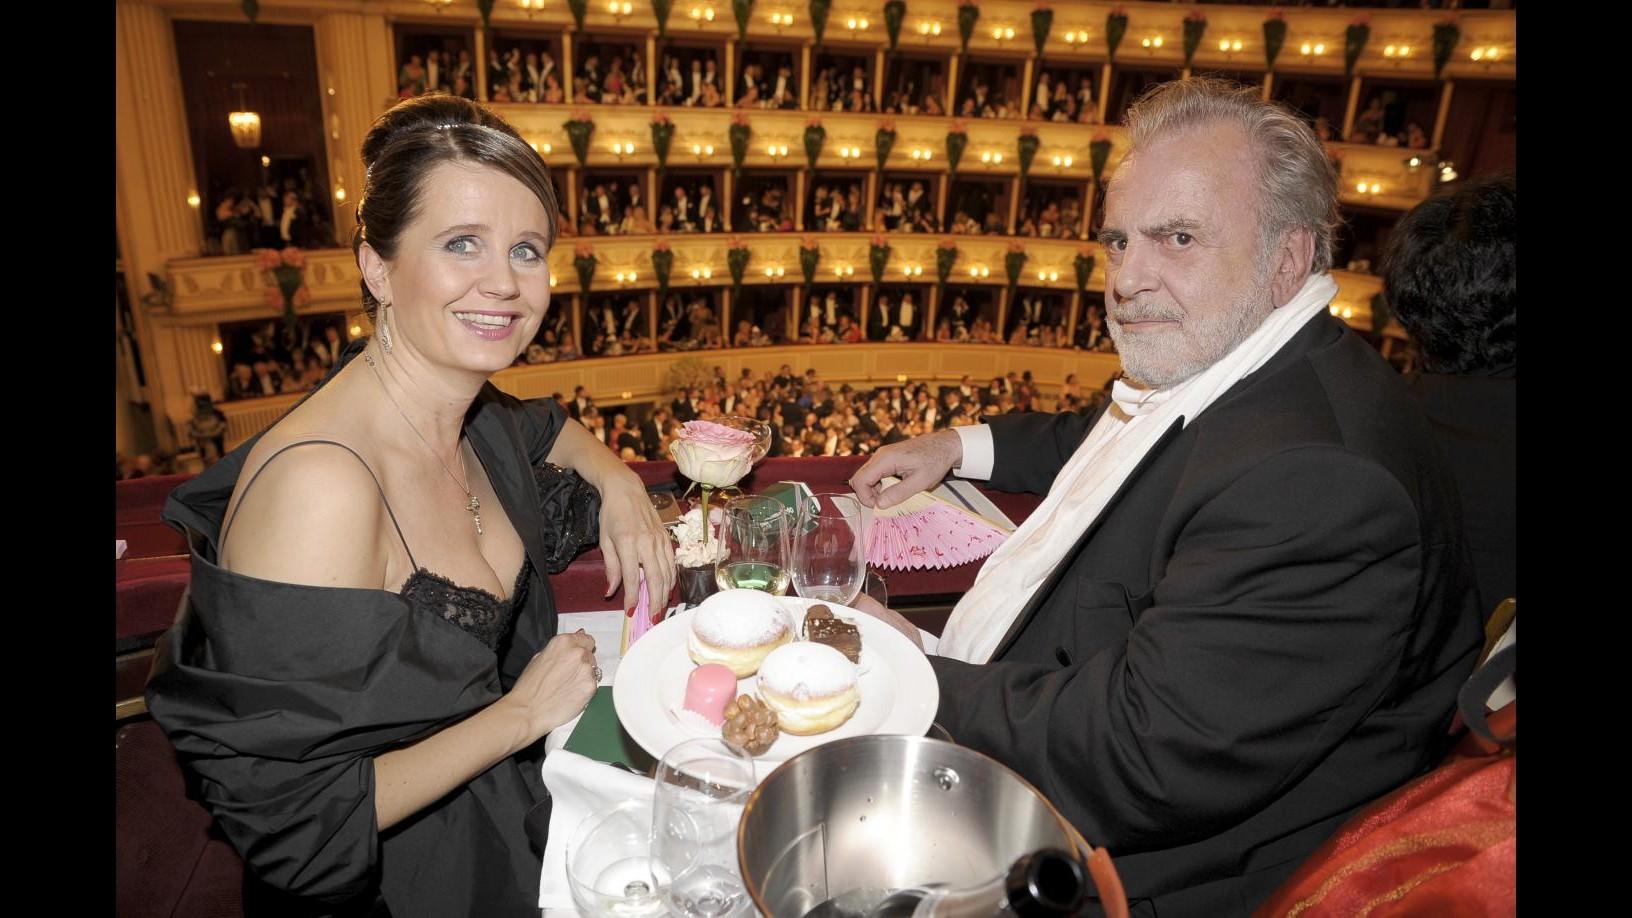 Austria, è morto l'attore premio Oscar Maximilian Schell, aveva 83 anni